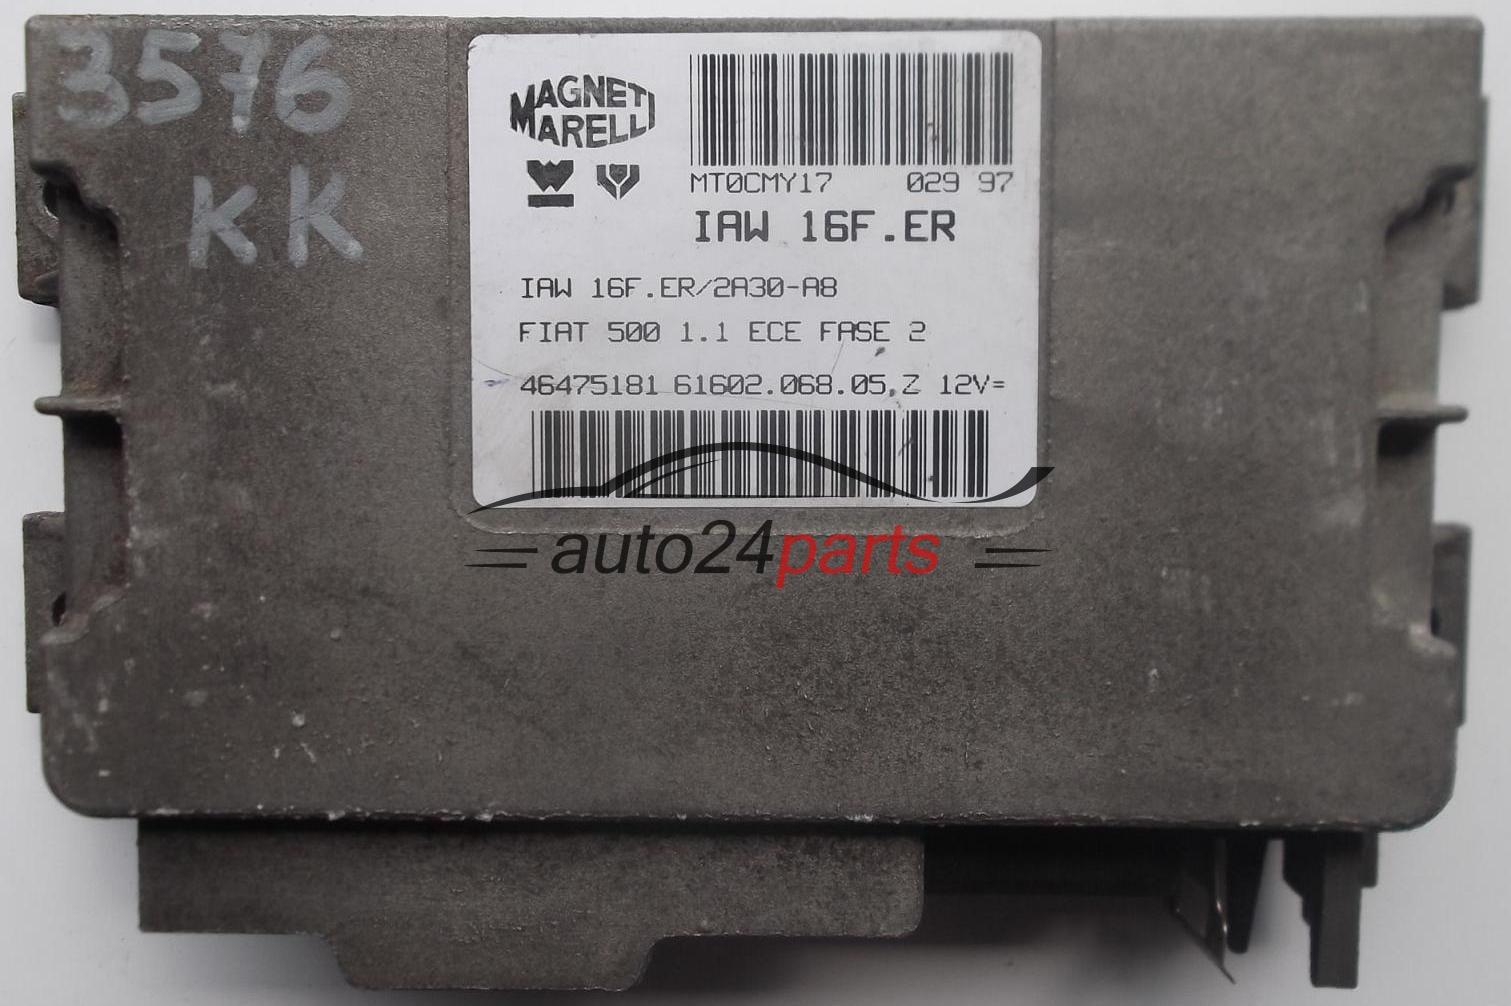 Блок управления двигателем fiat 600 magneti marelli iaw 16fmed, iaw16fmed, 46555915, 6160209603 e, 6160209603e